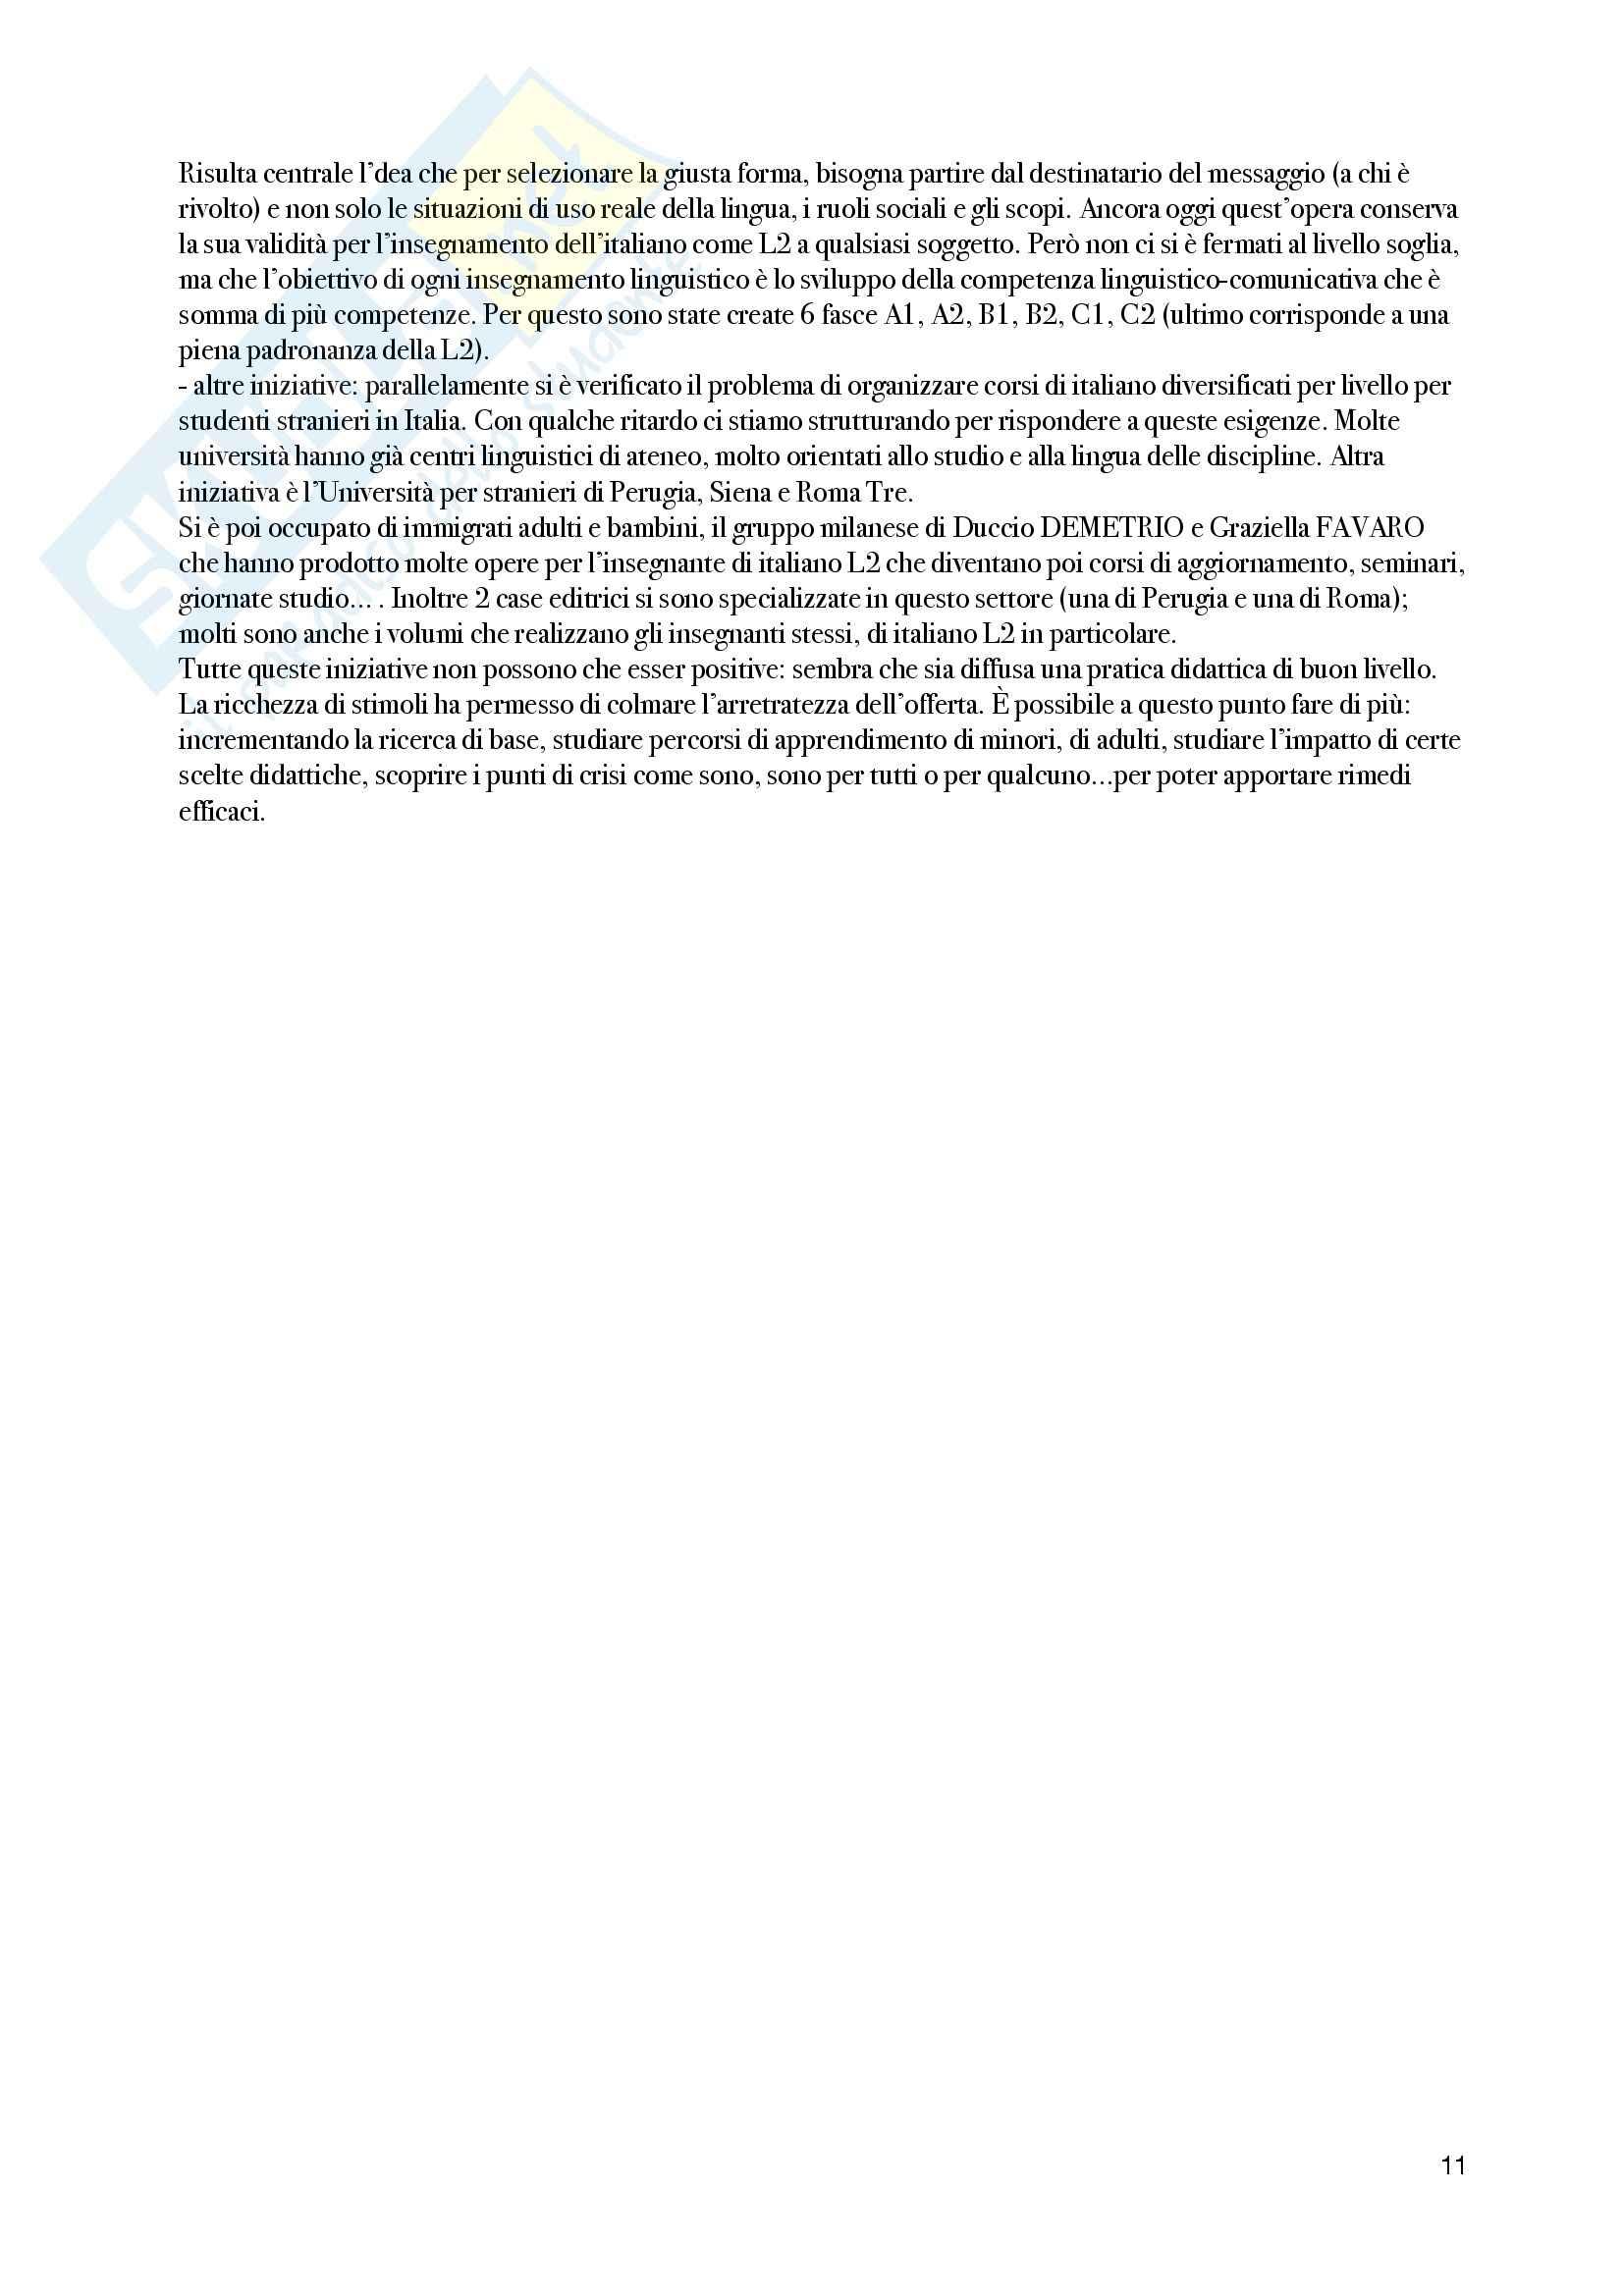 Riassunto esame Linguistica italiana, prof. Colussi, libro consigliato Lingua italiana ed educazione linguistica, Loduca Pag. 11